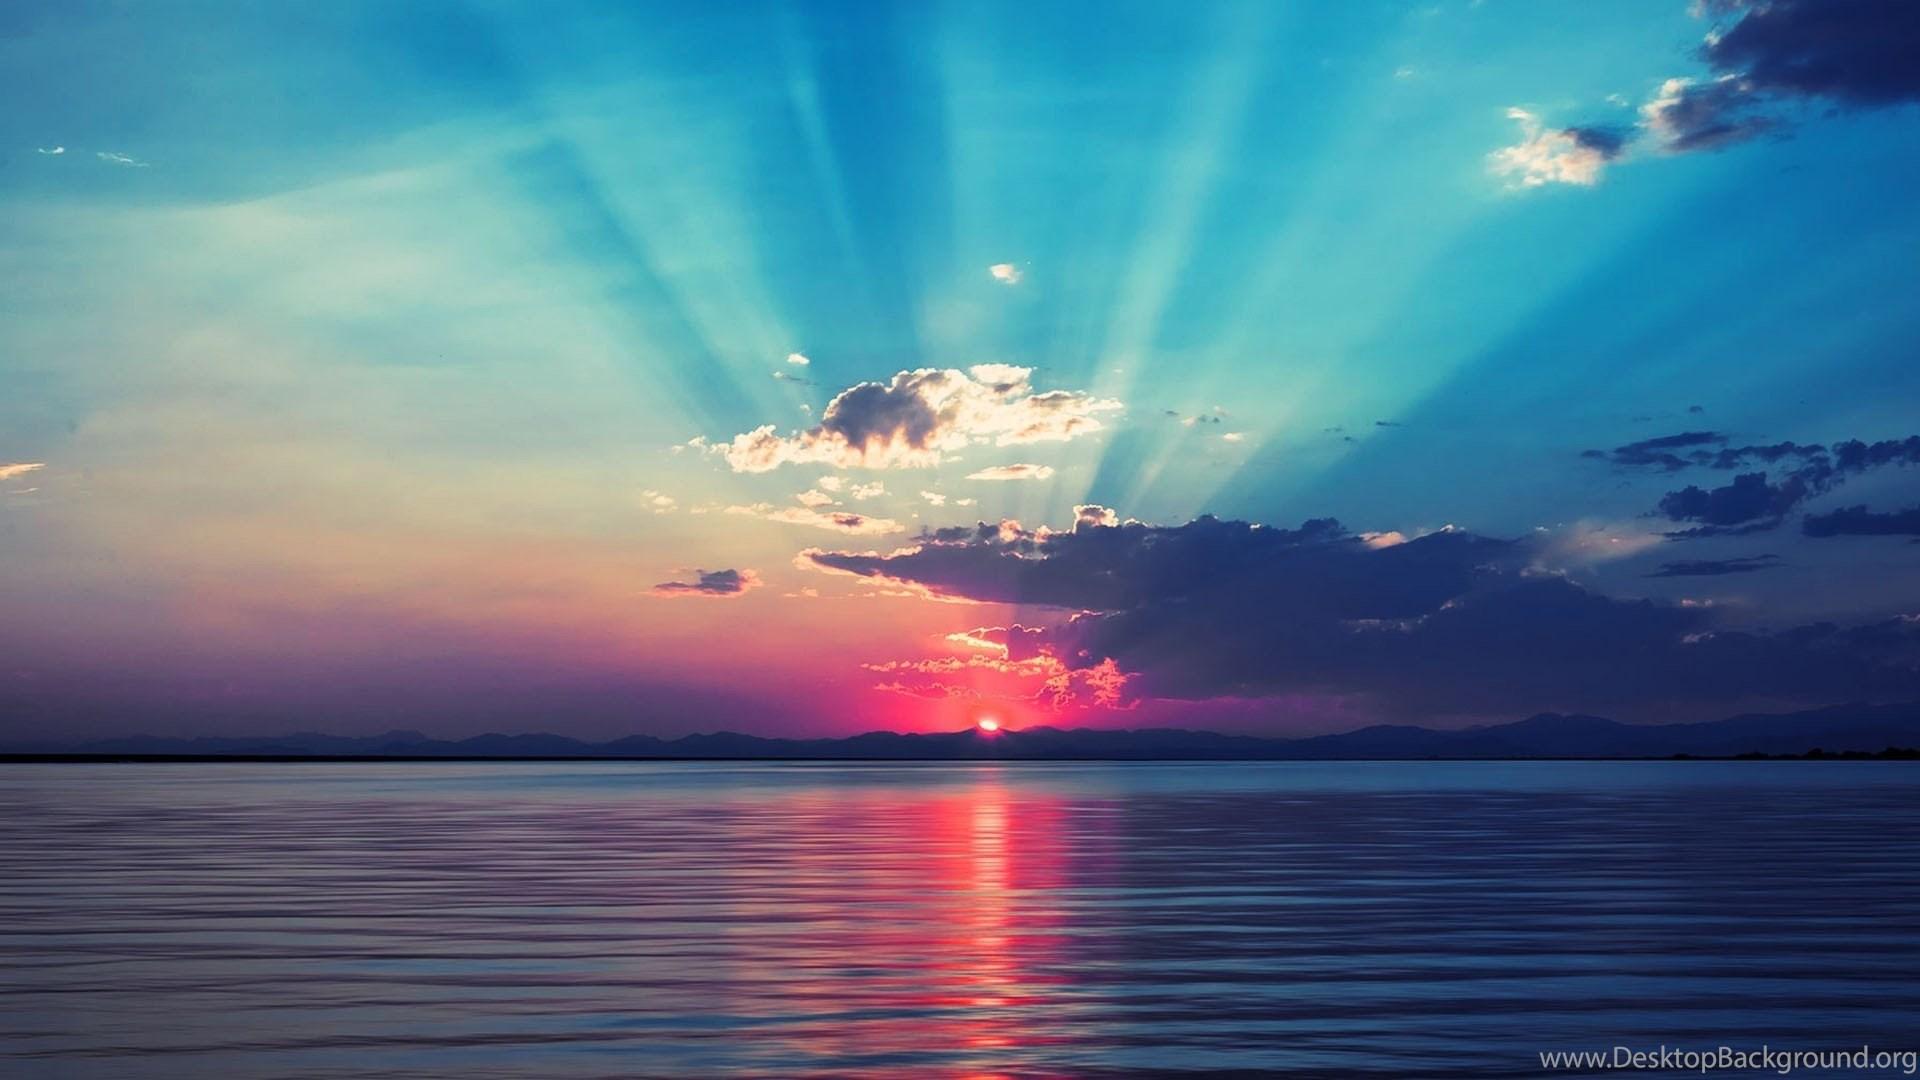 Lovely Beach Sunrise Wallpapers Desktop Background